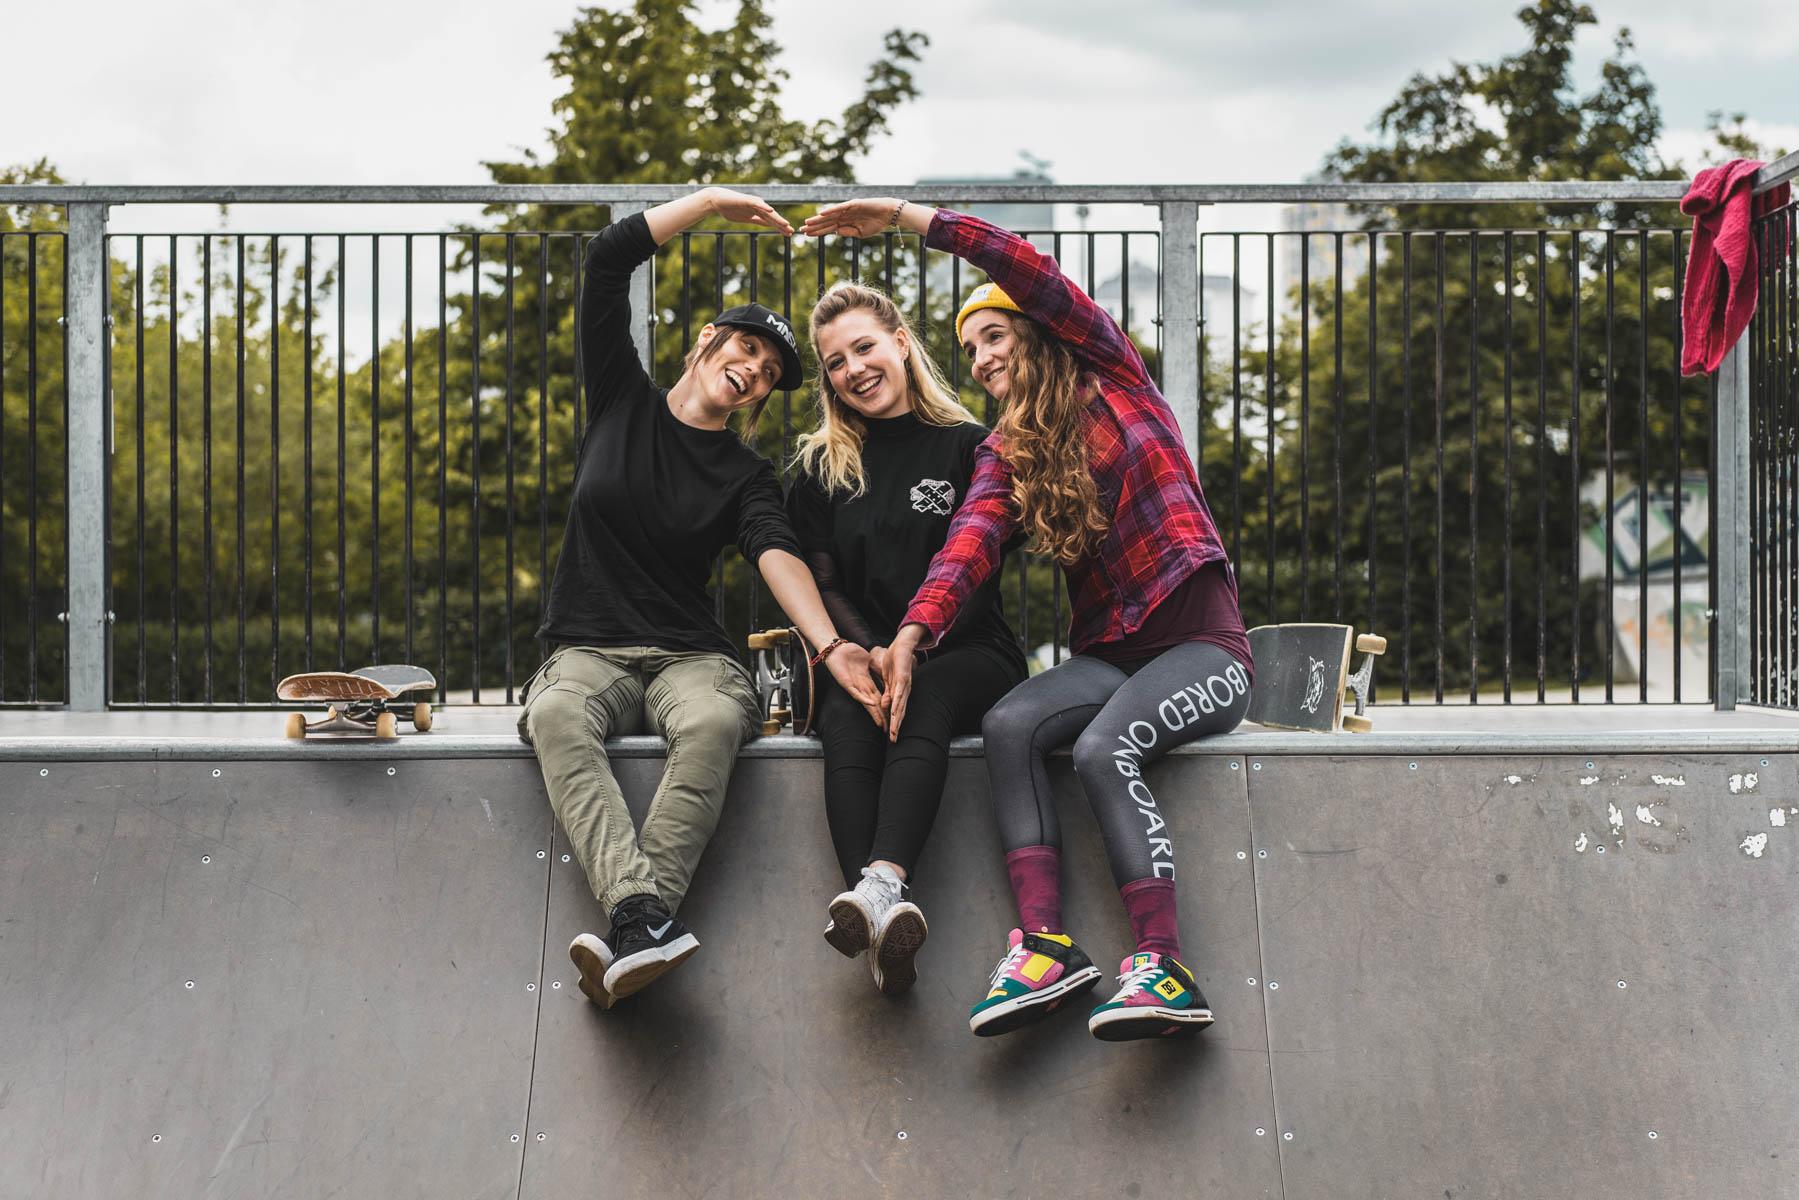 Liebe auf den ersten Blick für einander und für's Board. – ©wunderland media GmbH